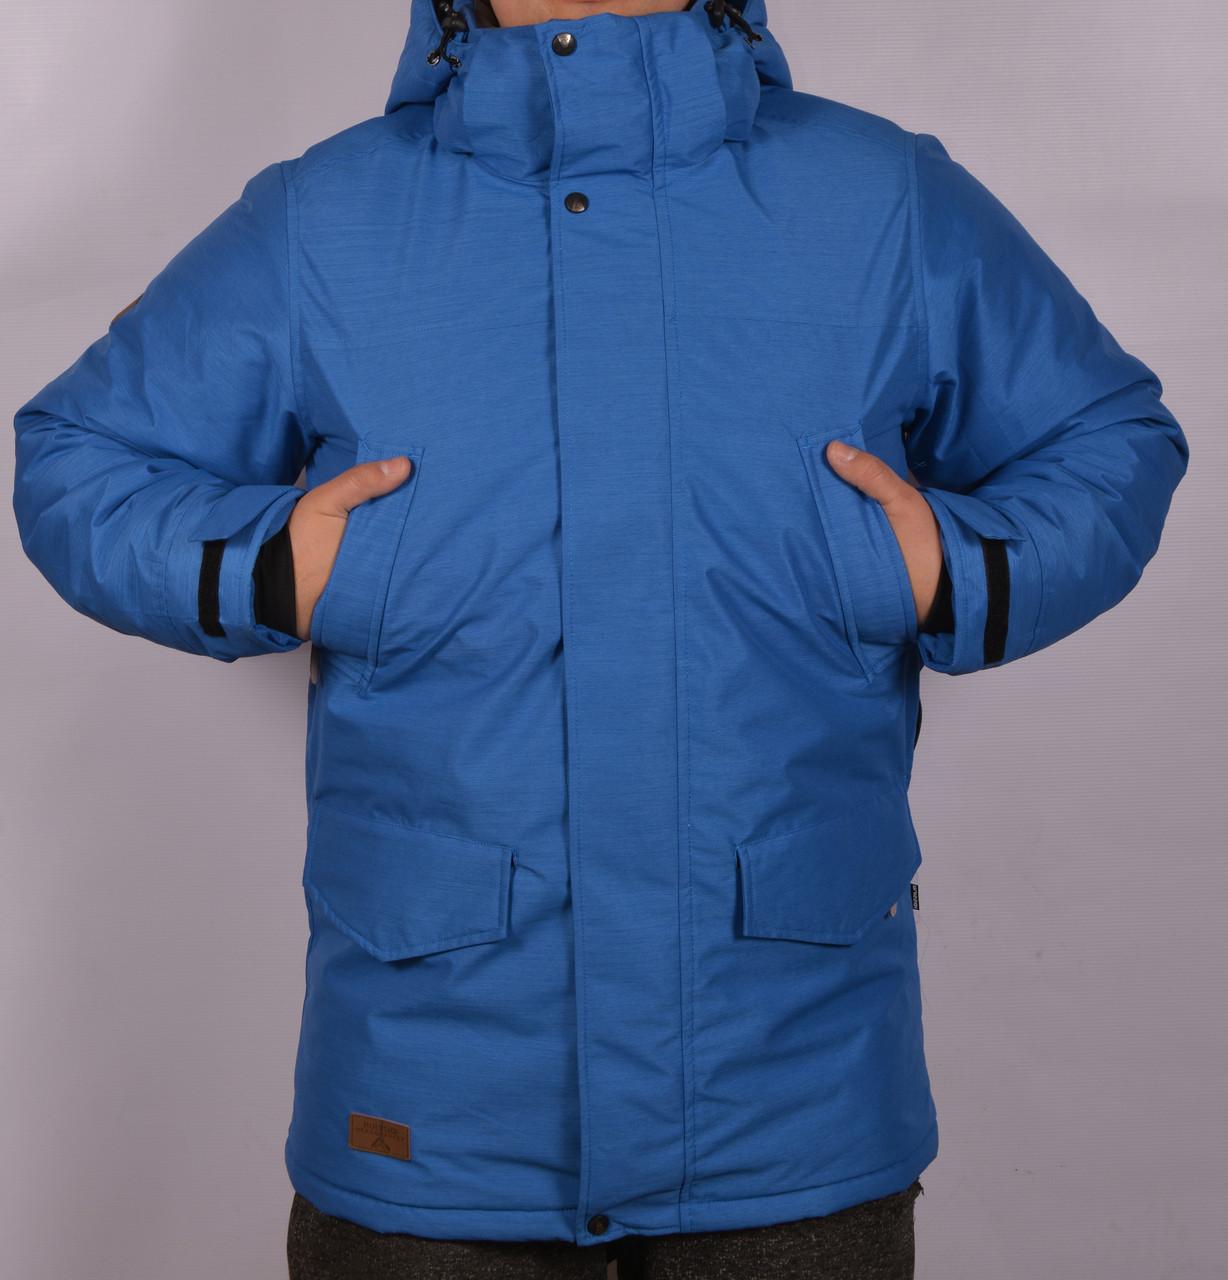 Зимняя горнолыжная куртка достойный аналог Columbia Omni-Tech с отражателем